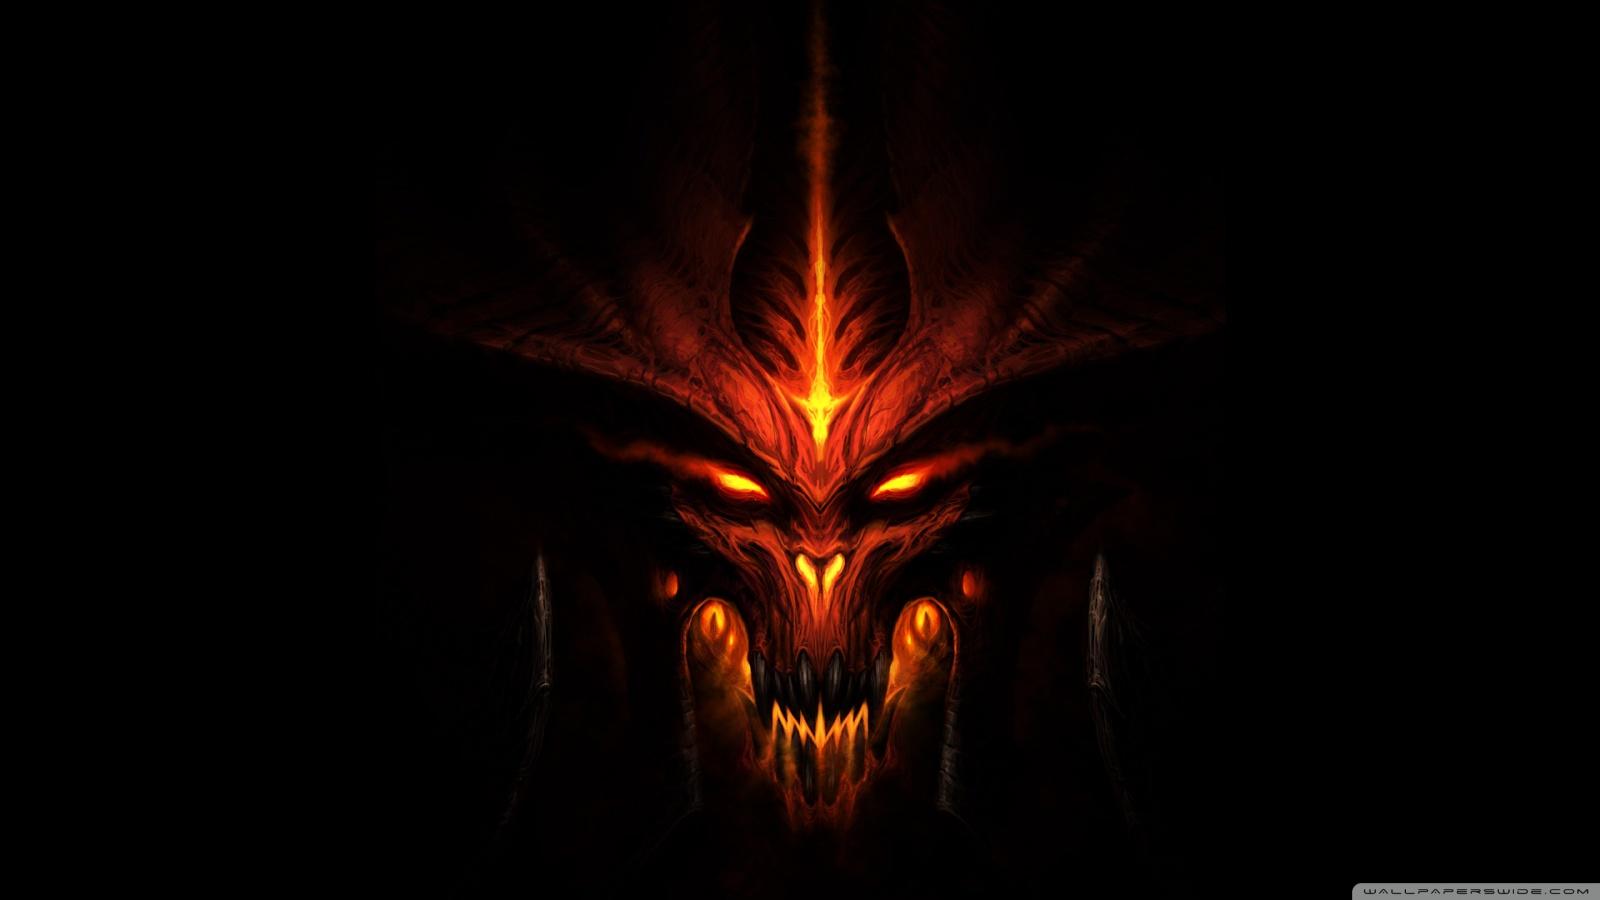 http://4.bp.blogspot.com/-R_3DzBKmzVA/UMps23WjeII/AAAAAAAAAGQ/tkCvQAVl_xQ/s1600/diablo_3_fiery-wallpaper-1600x900.jpg